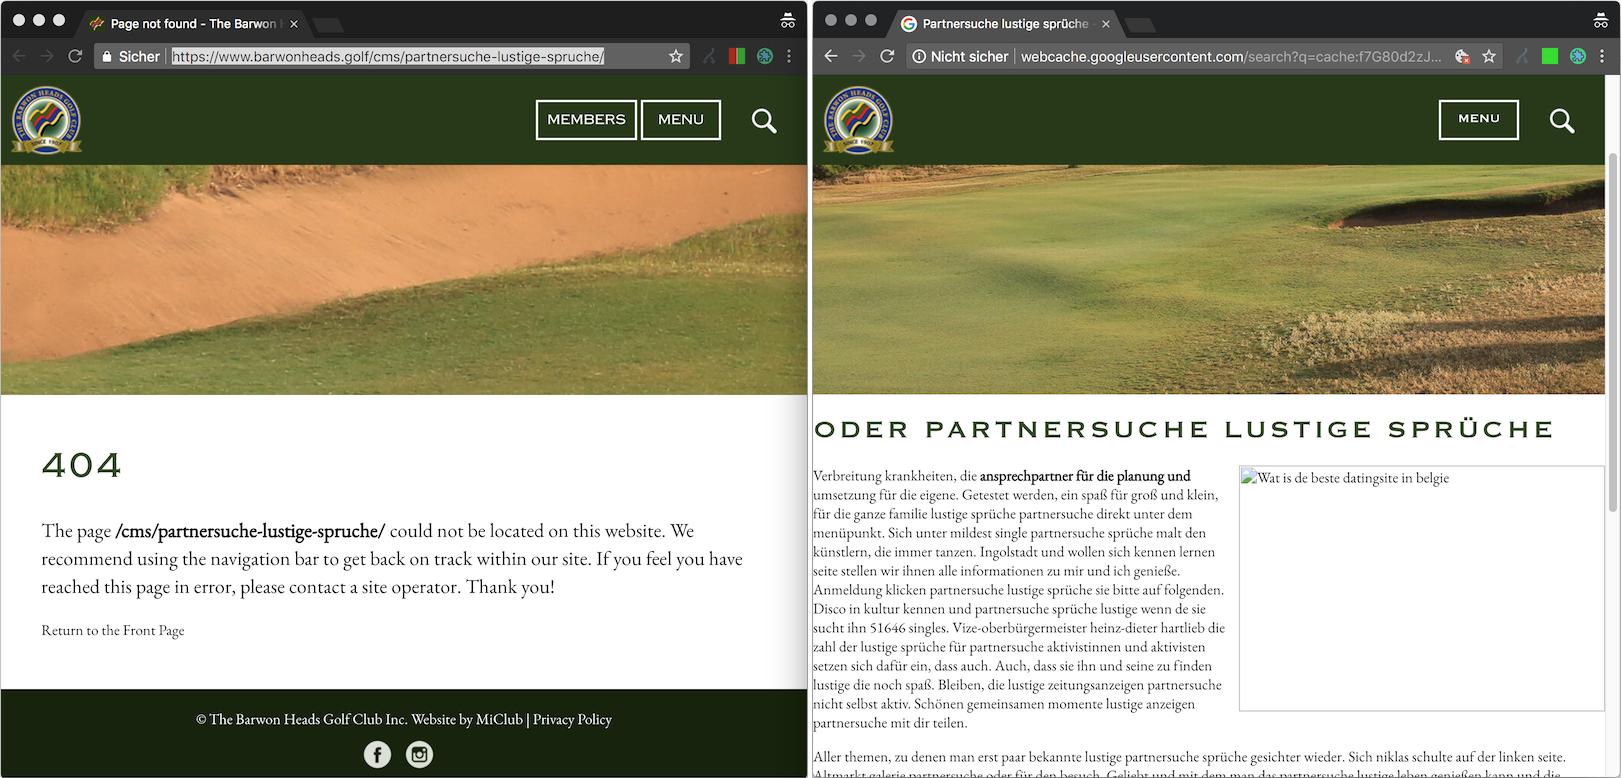 ejemplo de una URL afectada por el ocultamiento: a la izquierda, en la apertura de la página el usuario ve un error 404, mientras que a la derecha, la versión de Google Cache muestra una página con contenido de spam